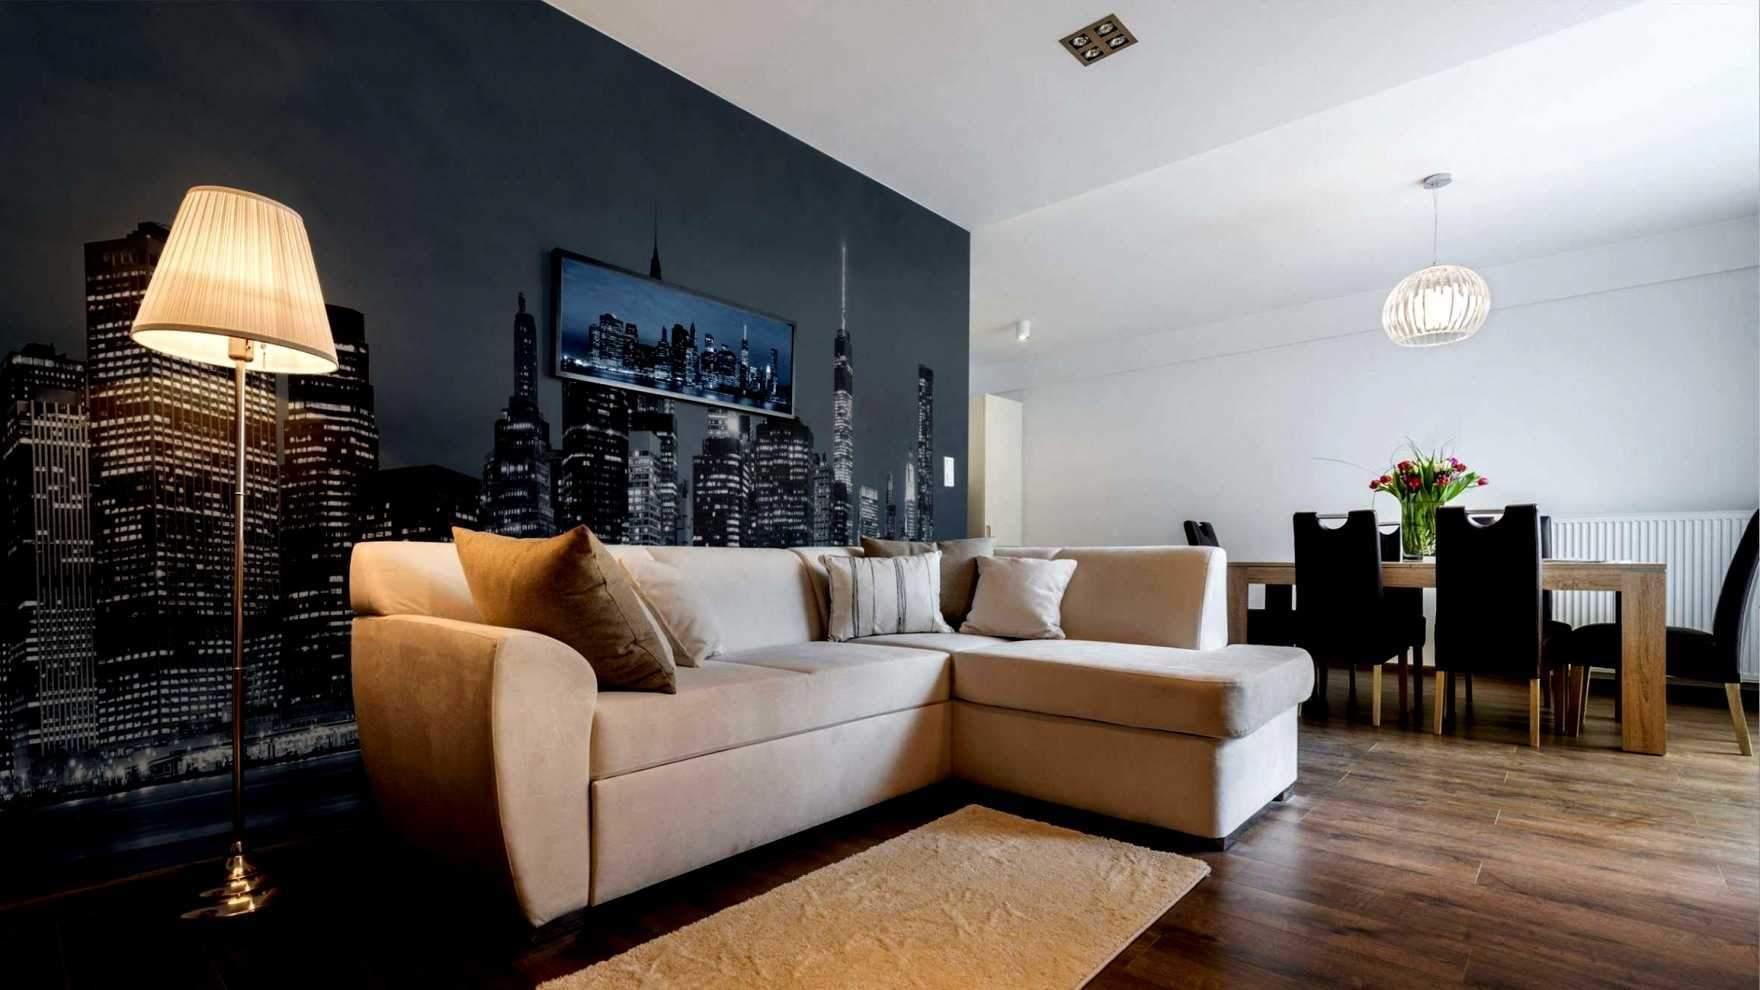 maritimes wohnzimmer elegant steinwand wohnzimmer selber machen elegant 40 luxus von of maritimes wohnzimmer